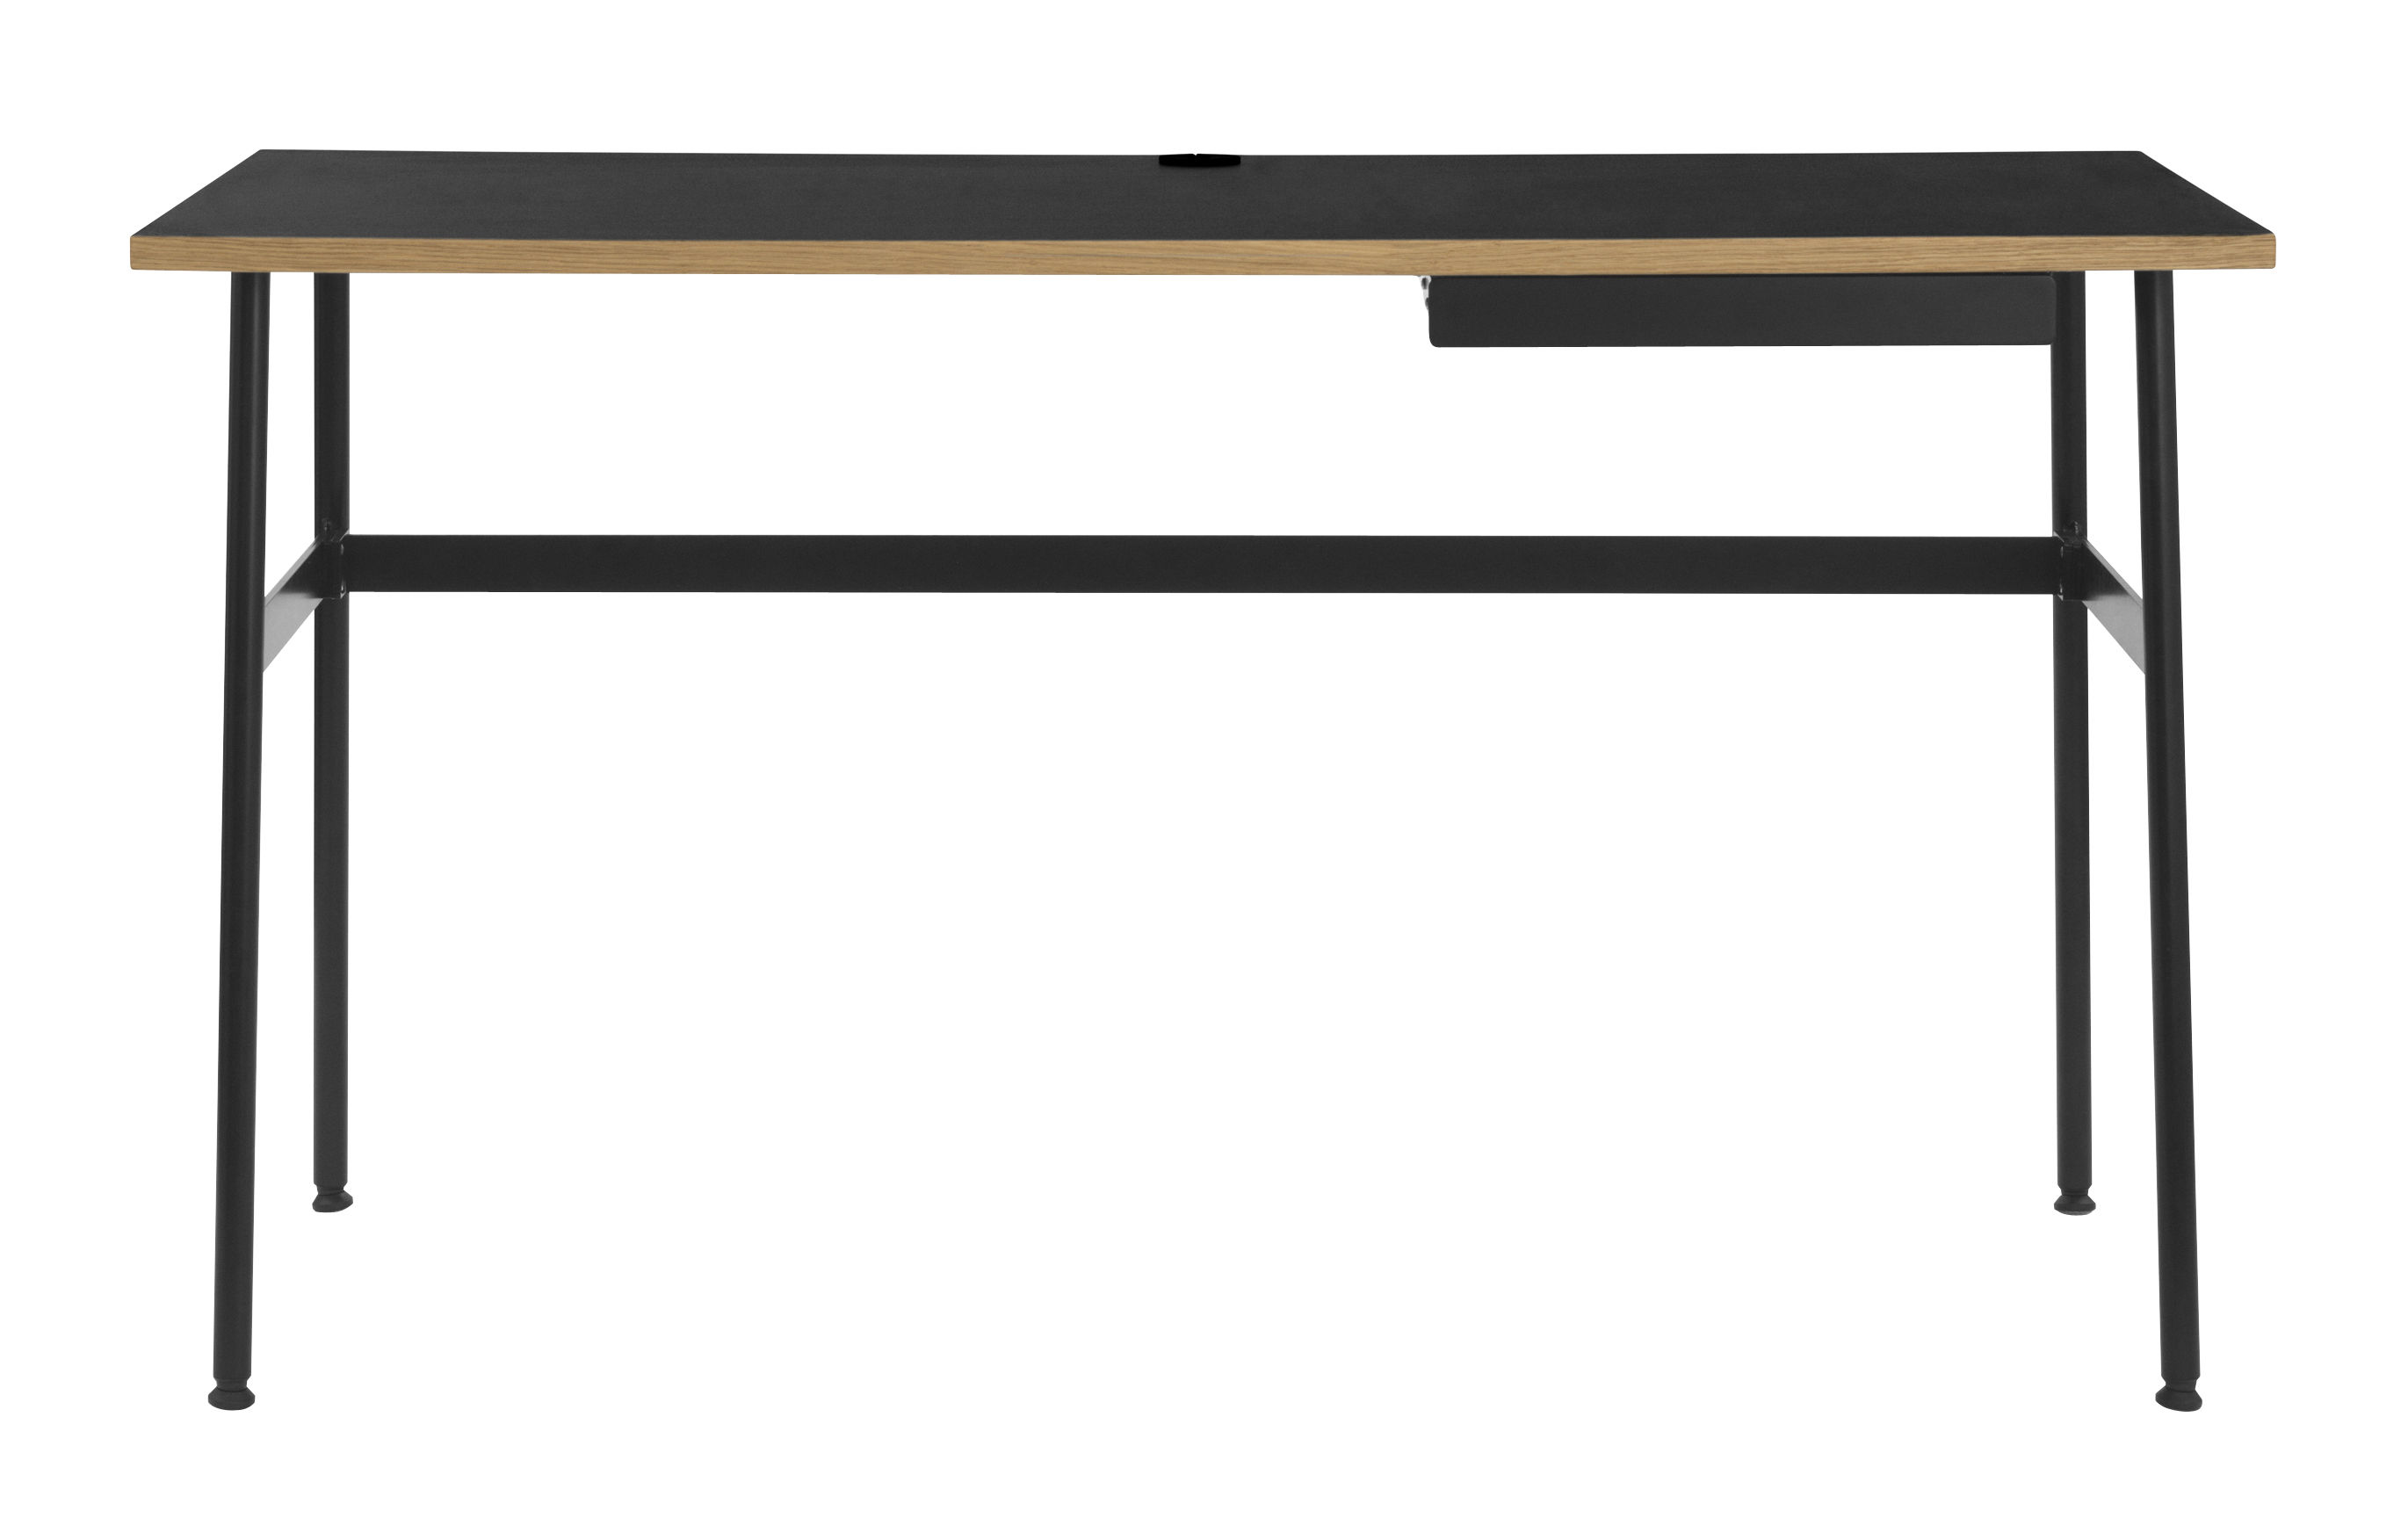 Bureau journal 1 tiroir noir normann copenhagen made in design